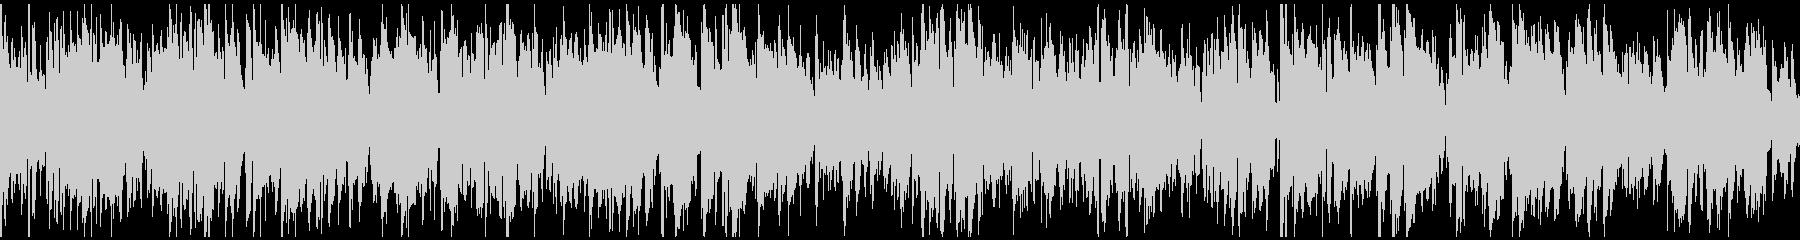 サックス生演奏のほんわかジャズ※ループ版の未再生の波形